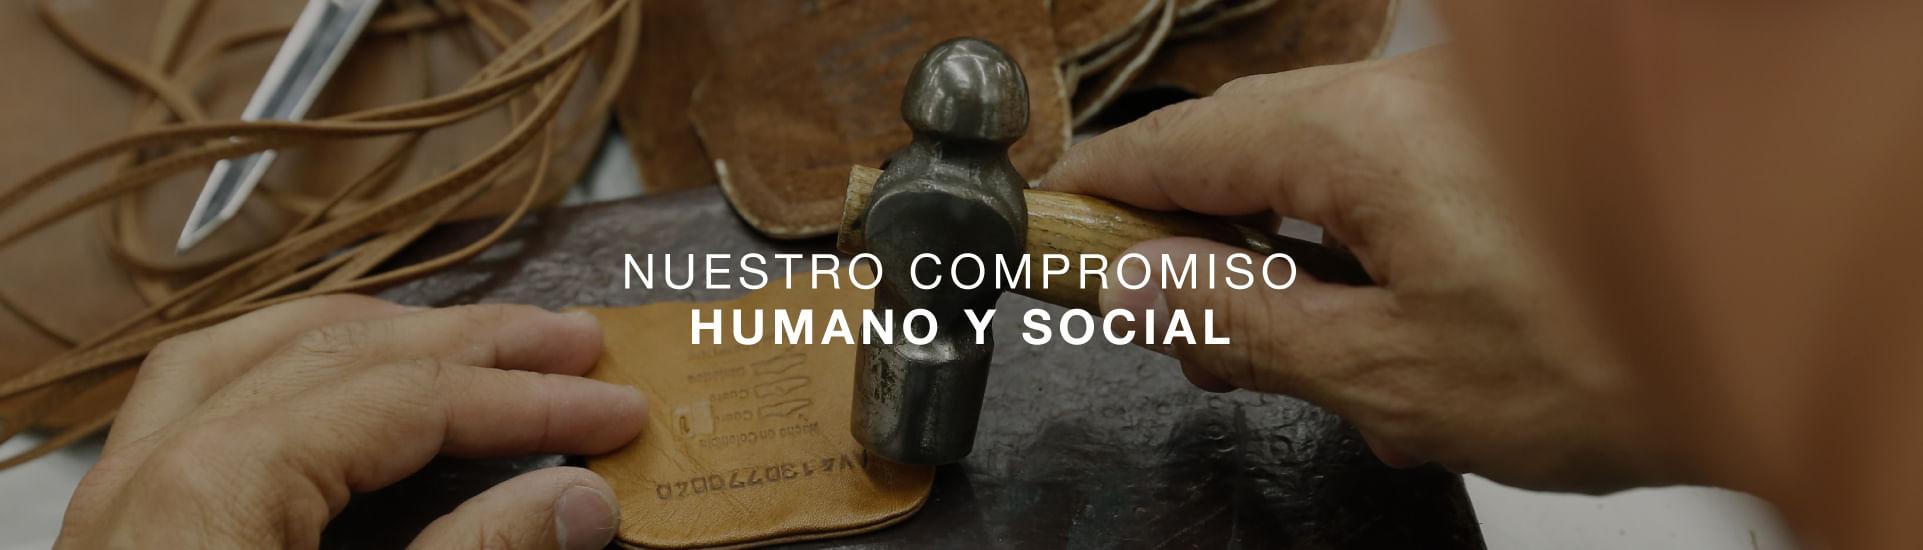 Compromiso humano y social Velez